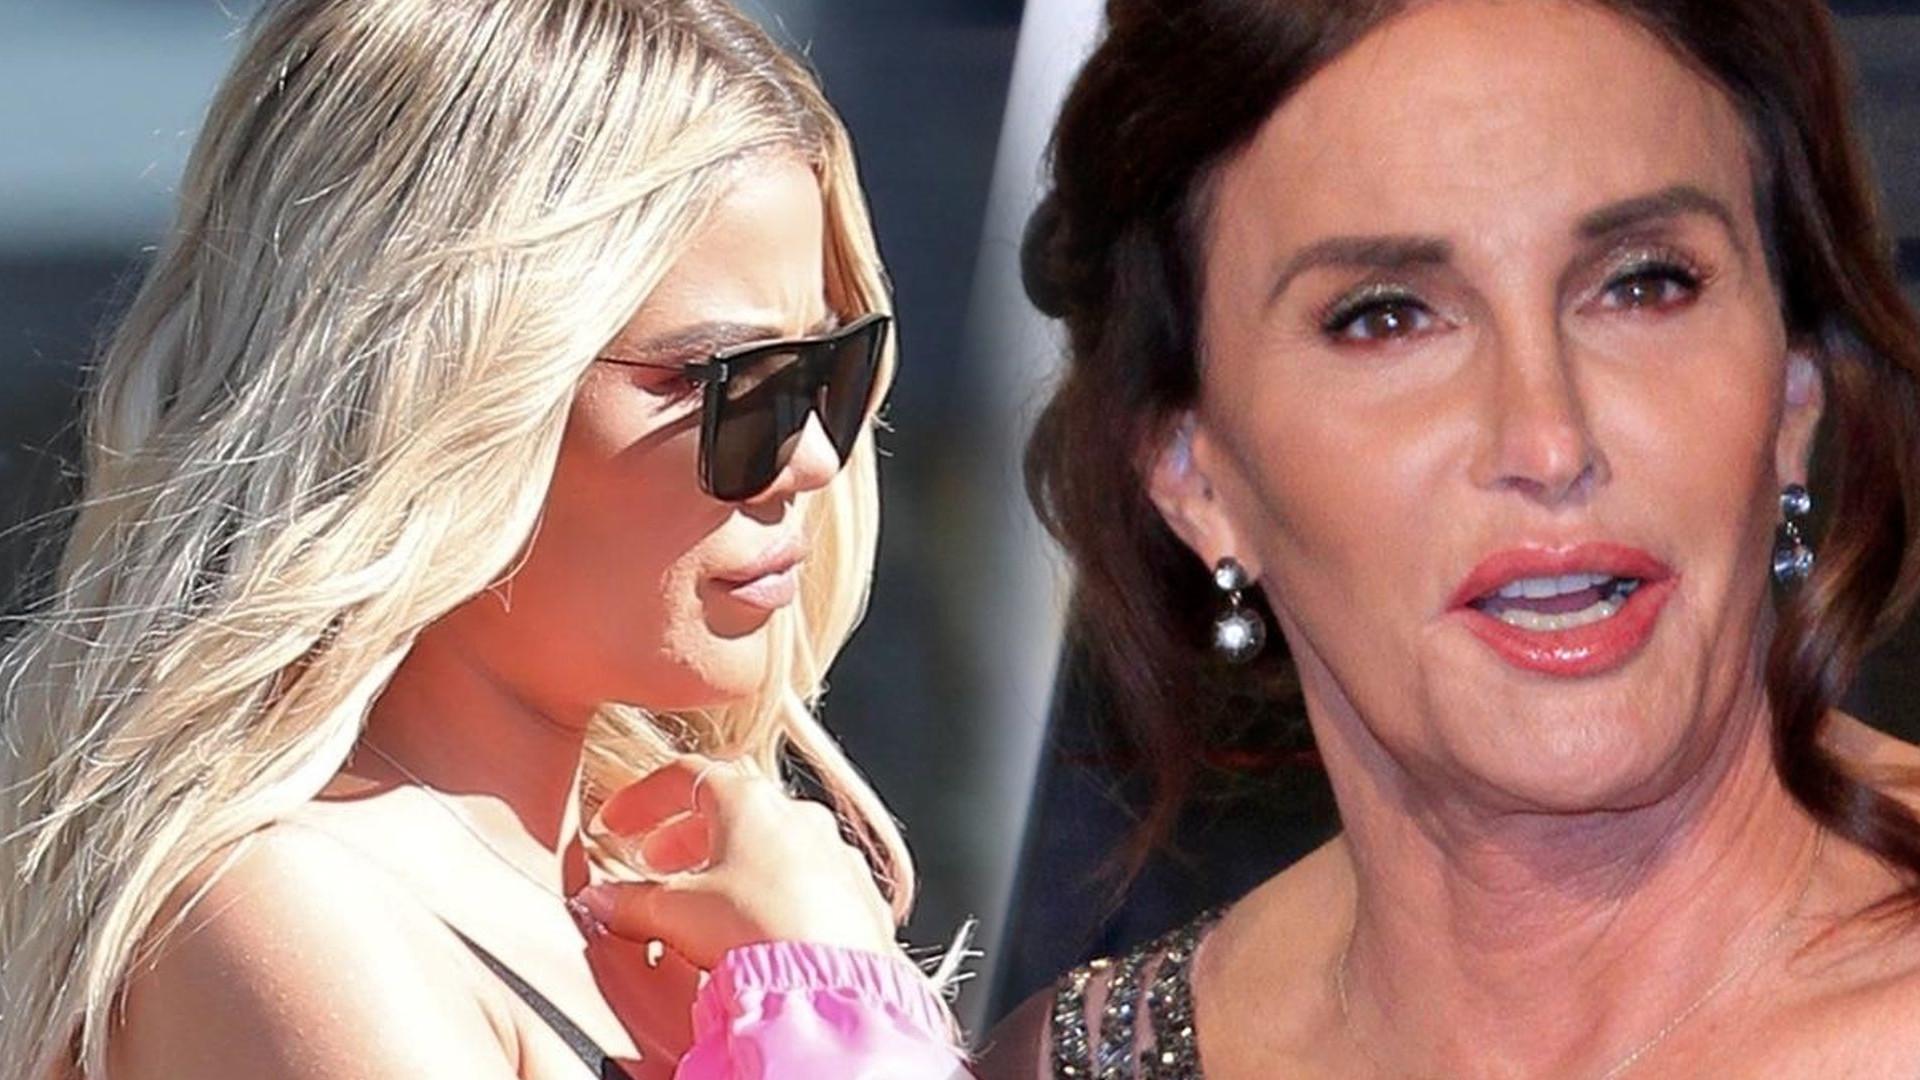 Caitlyn Jenner zdradza szczegóły relacji z Khloe Kardashian – nie rozmawiały OD LAT